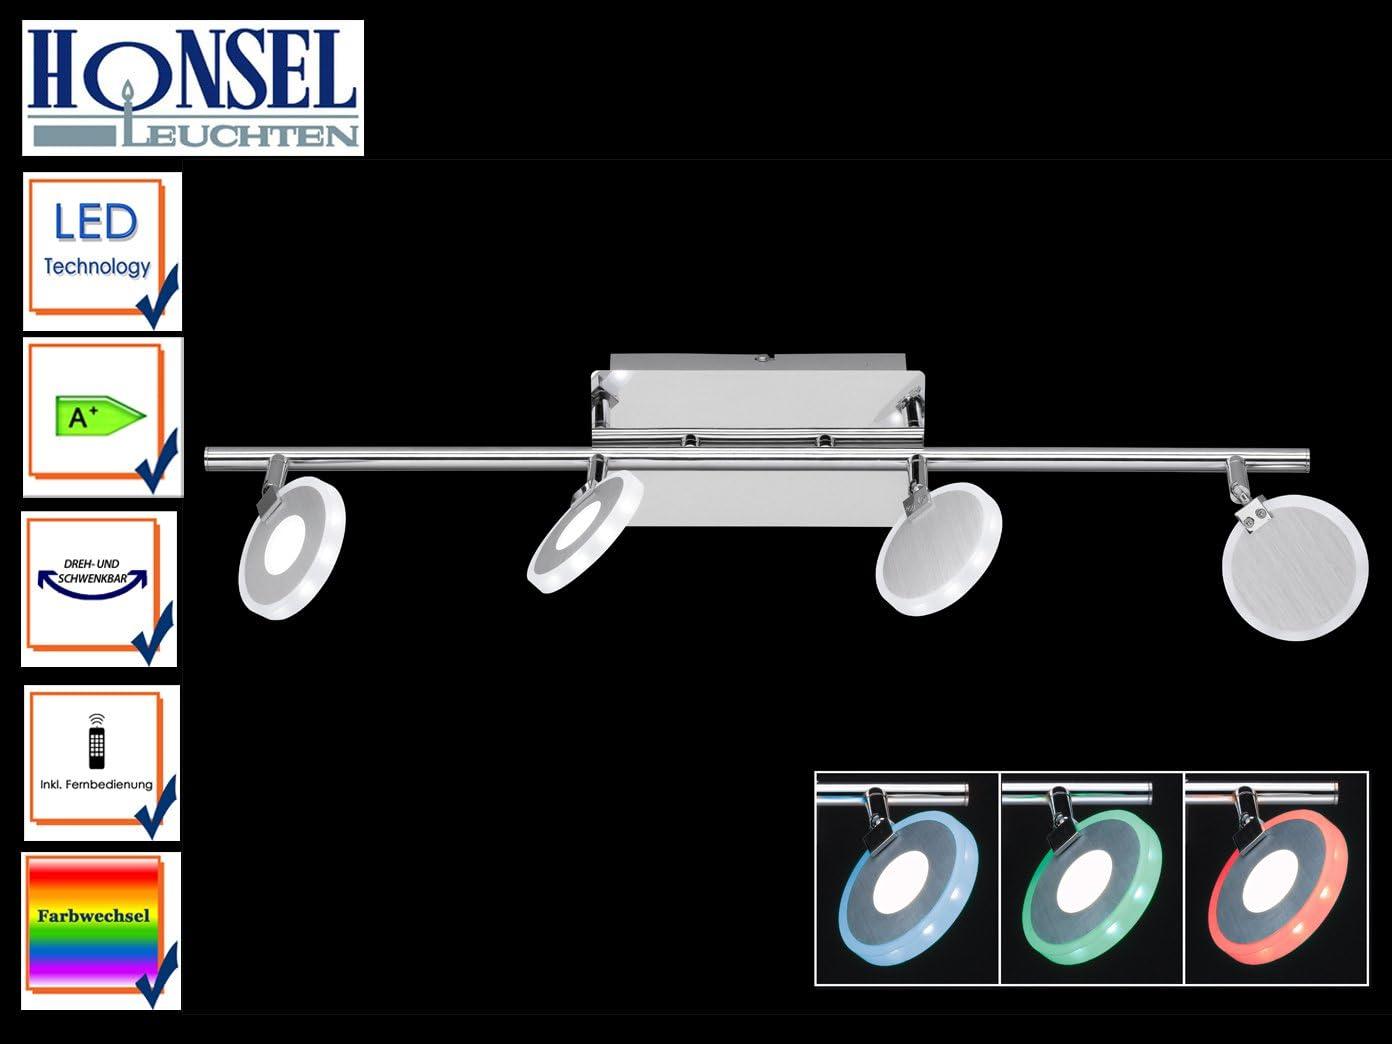 4De flammiger LED 767702540000Tonic RGBW, mando a distancia, cambio de color, Foco orientable.